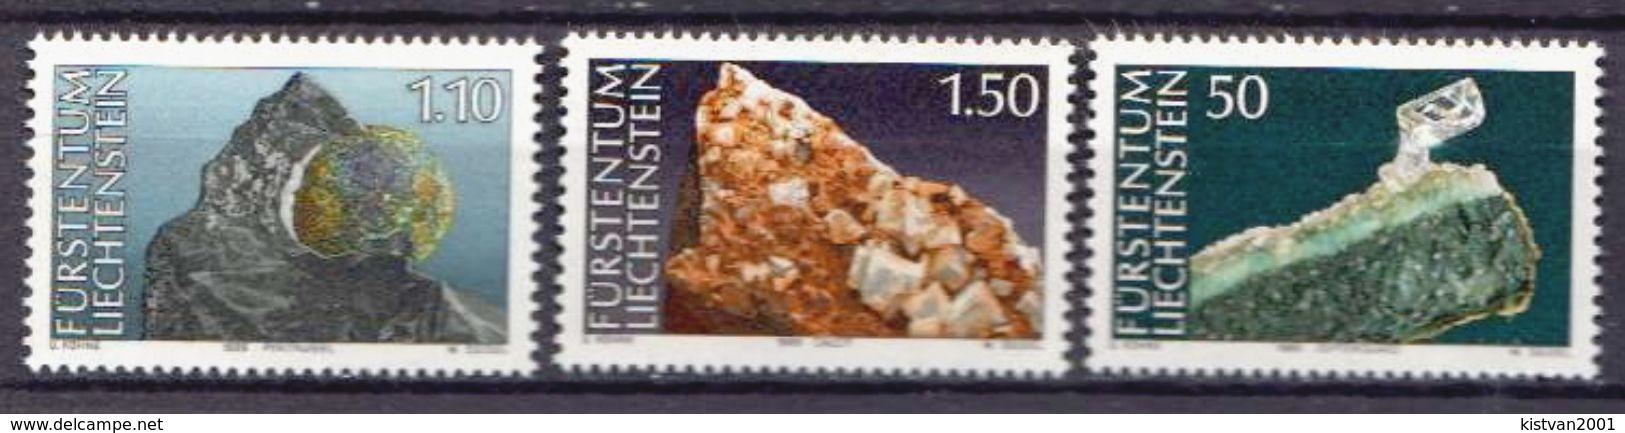 Liechtenstein MNH Set - Minerals